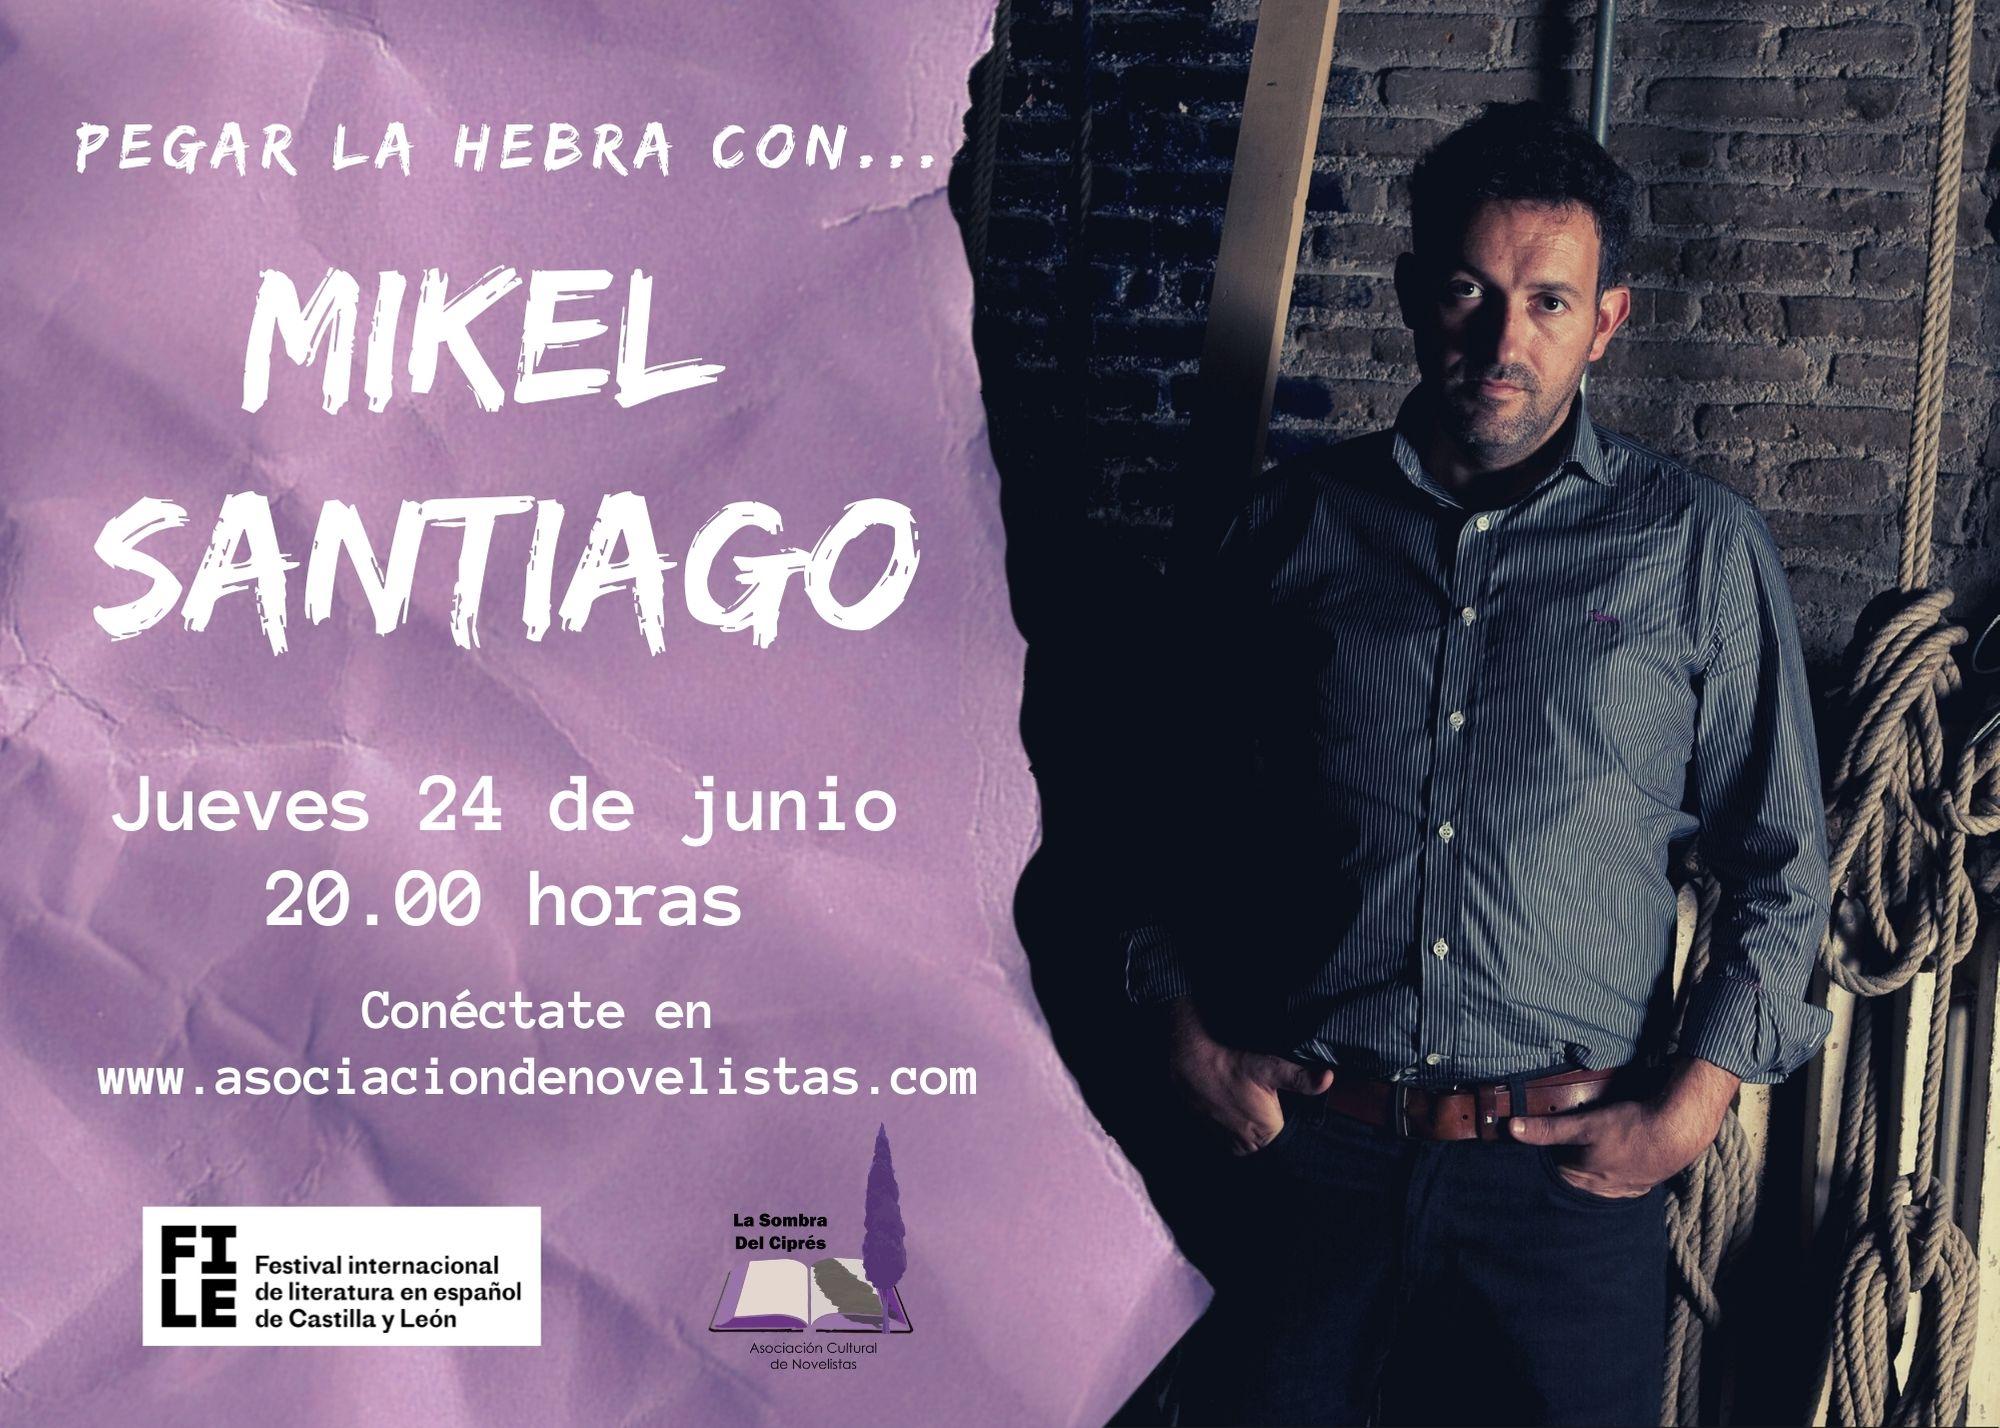 Pegar la hebra con... Mikel Santiago